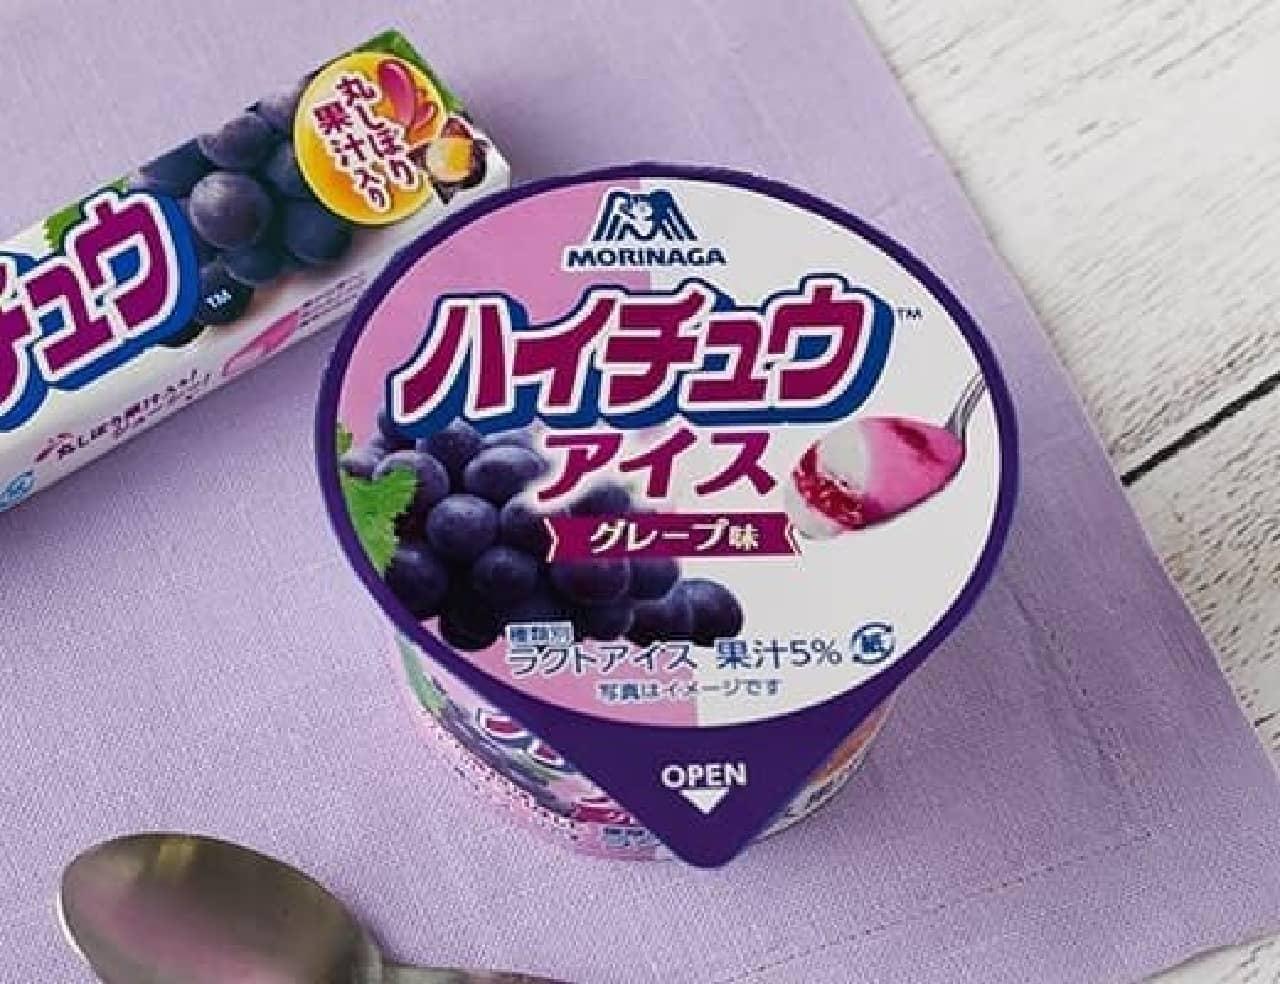 ローソン「森永製菓 ハイチュウアイス グレープ味120ml」